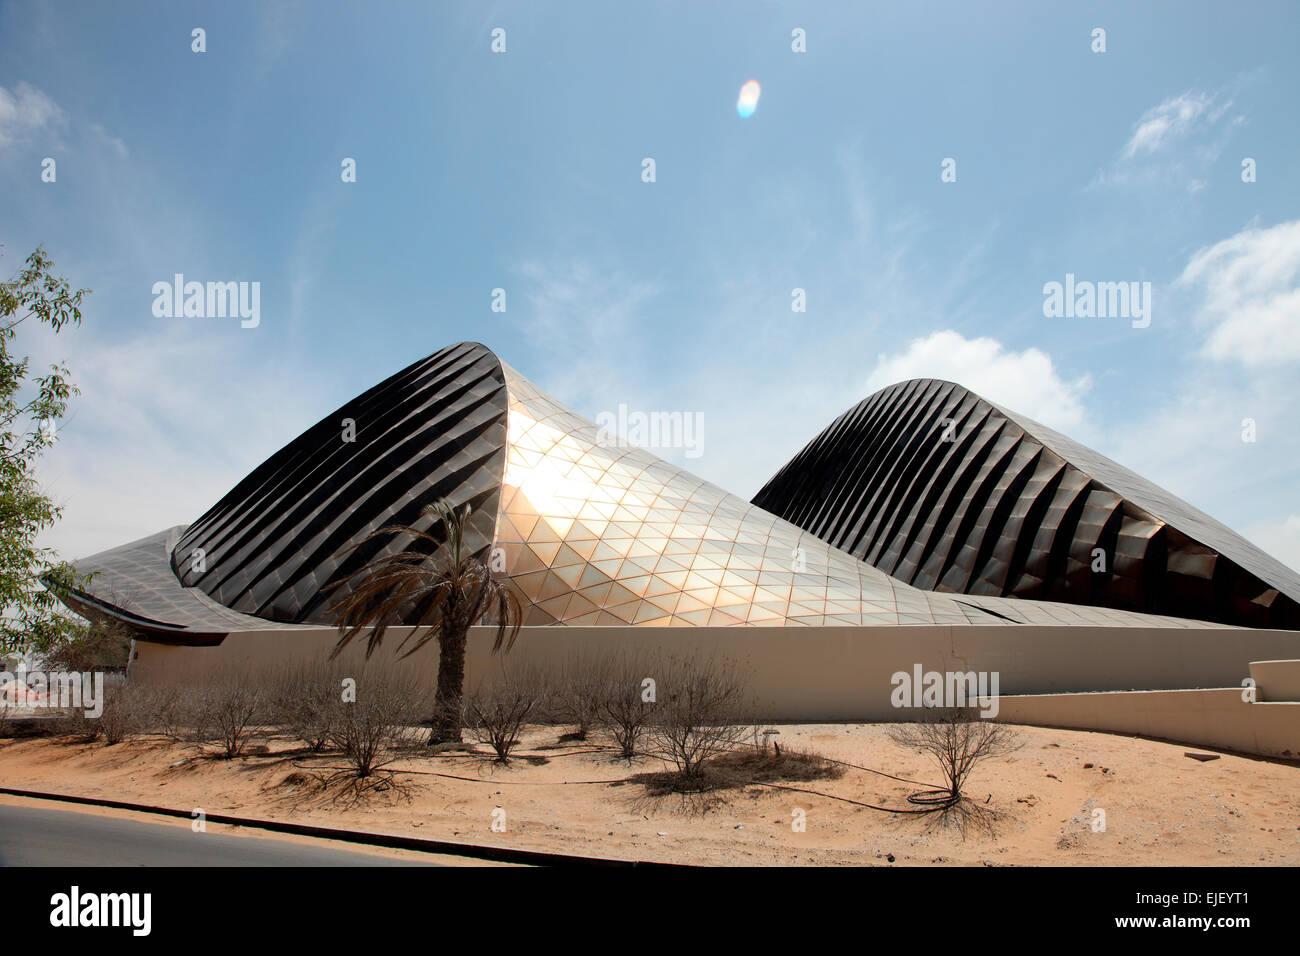 The UAE Pavilion designed by Foster and Partners on Saadiyat Island. - Stock Image